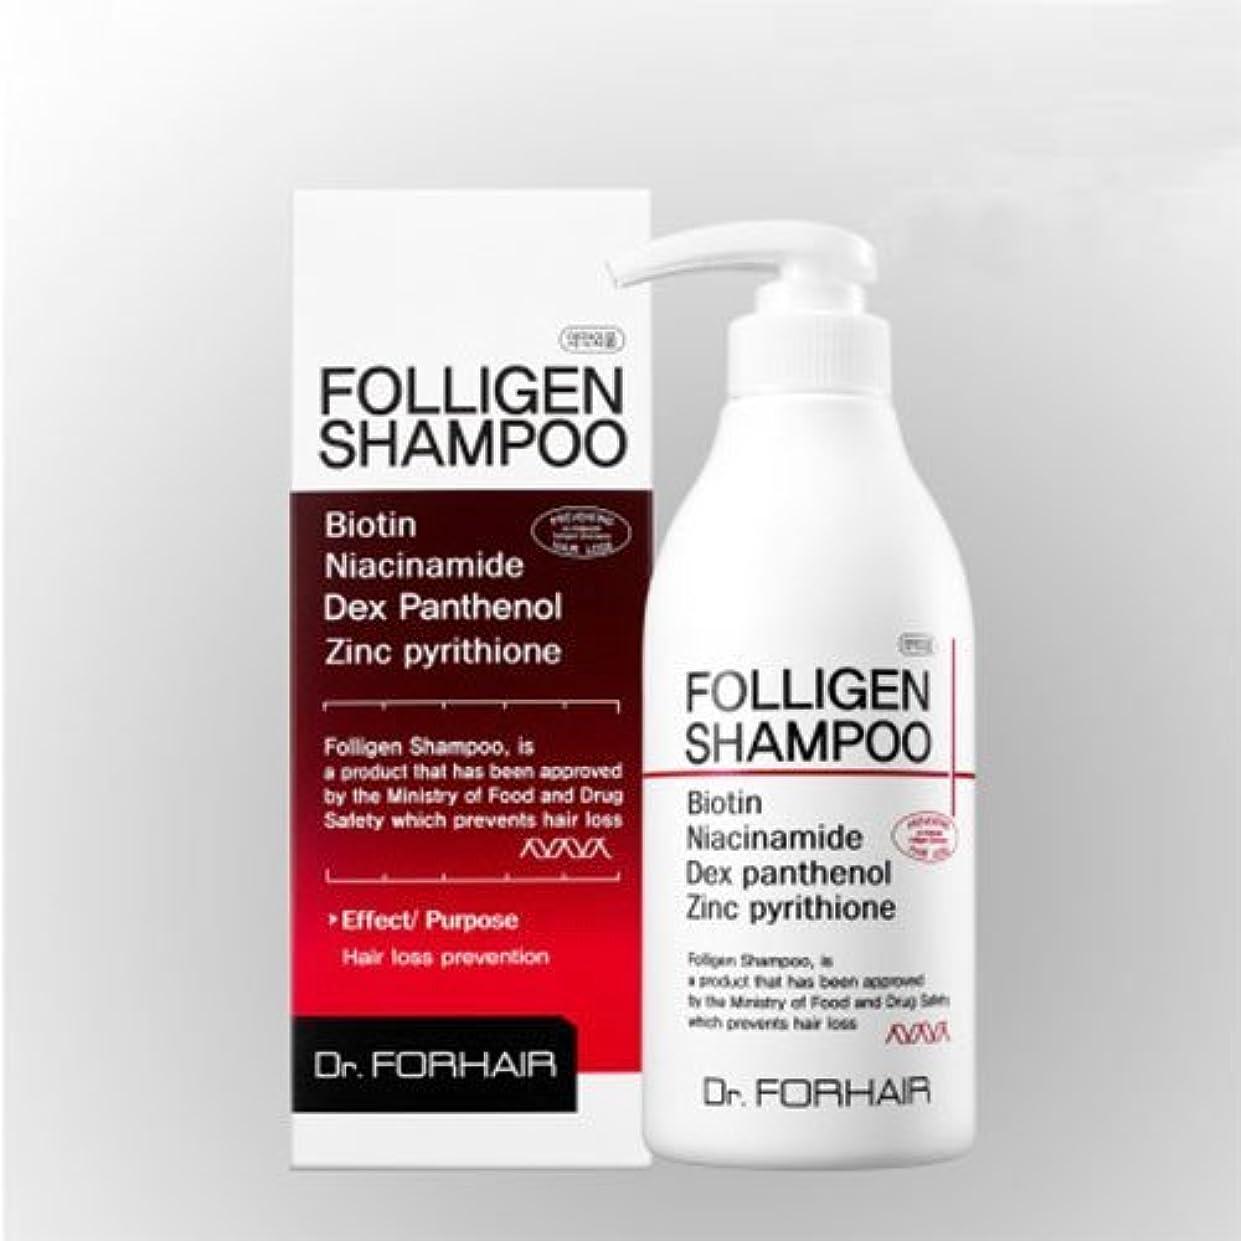 スコットランド人気づかないイルダクト?フォーヘア ポルリジェン シャンプー500ml 脱毛防止シャンプー[並行輸入品] / Dr. Forhair Folligen Shampoo 500ml (16.9 fl.oz.) for Hair Loss Prevention